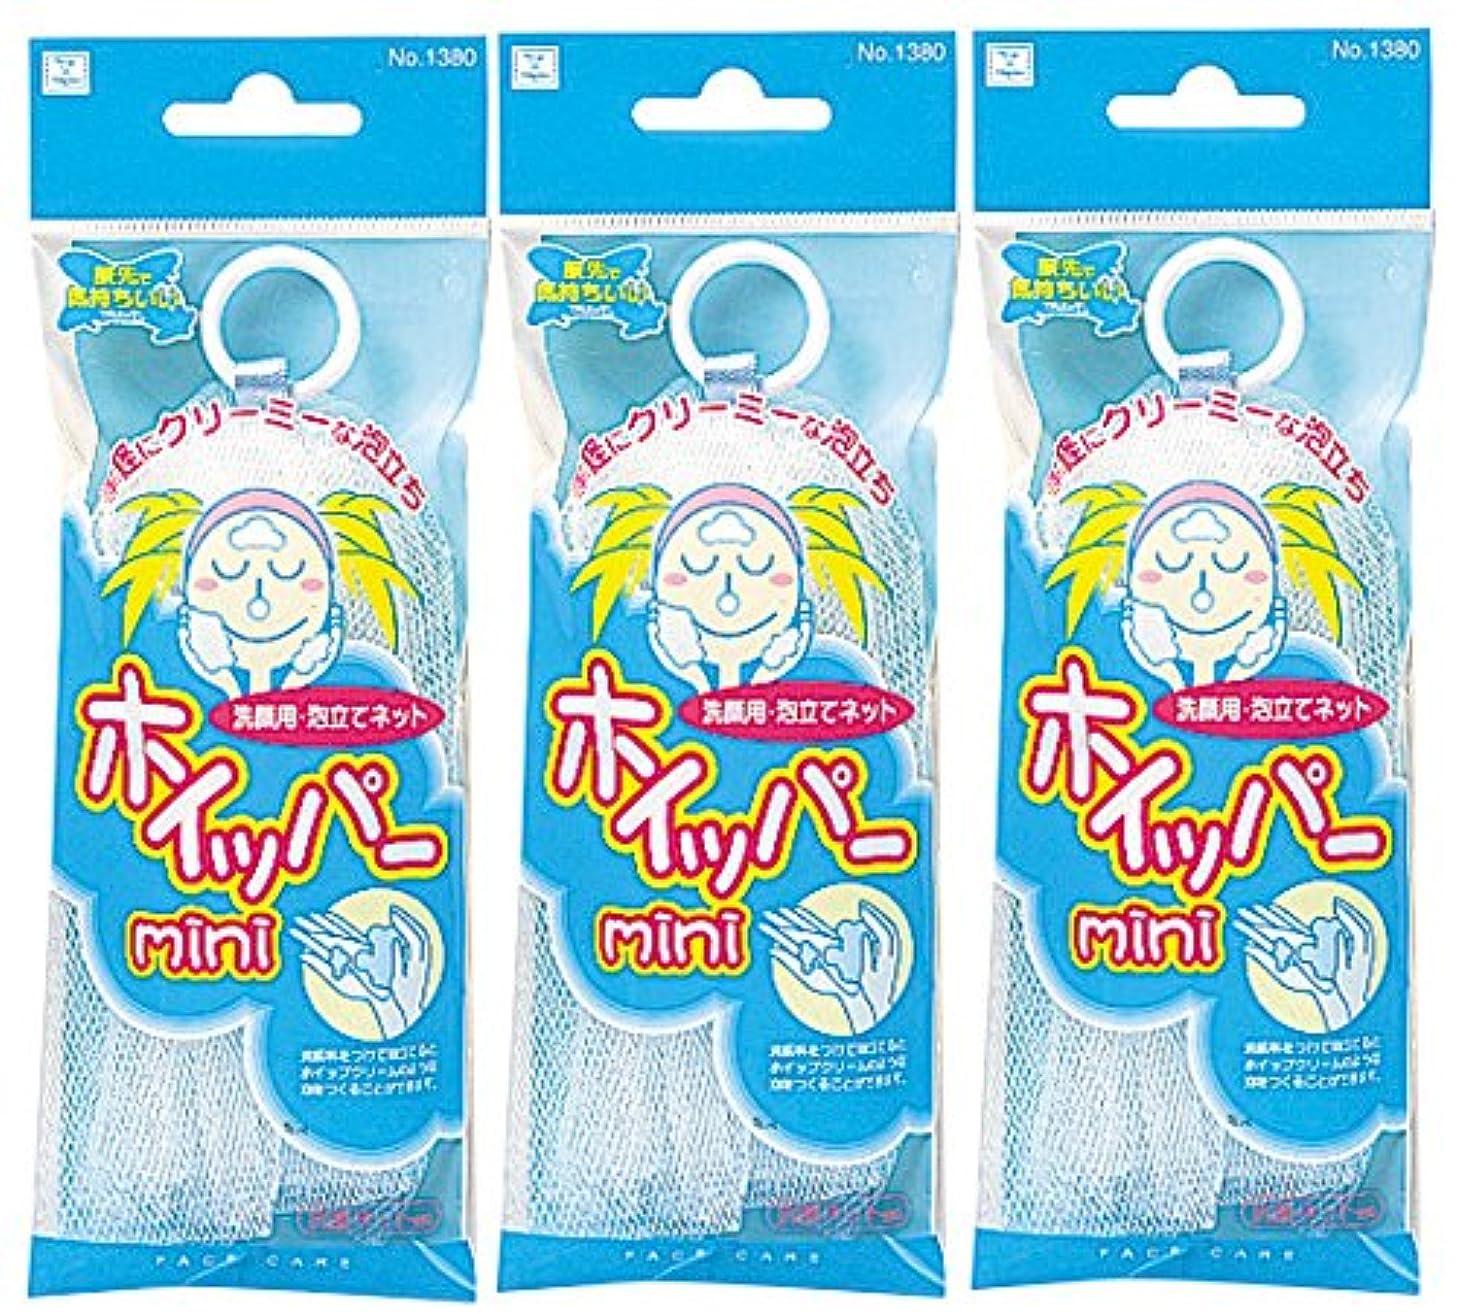 壮大普及ギャラリー小久保 洗顔ネット 手軽にクリーミーに泡立つ ホイッパーミニ 3個